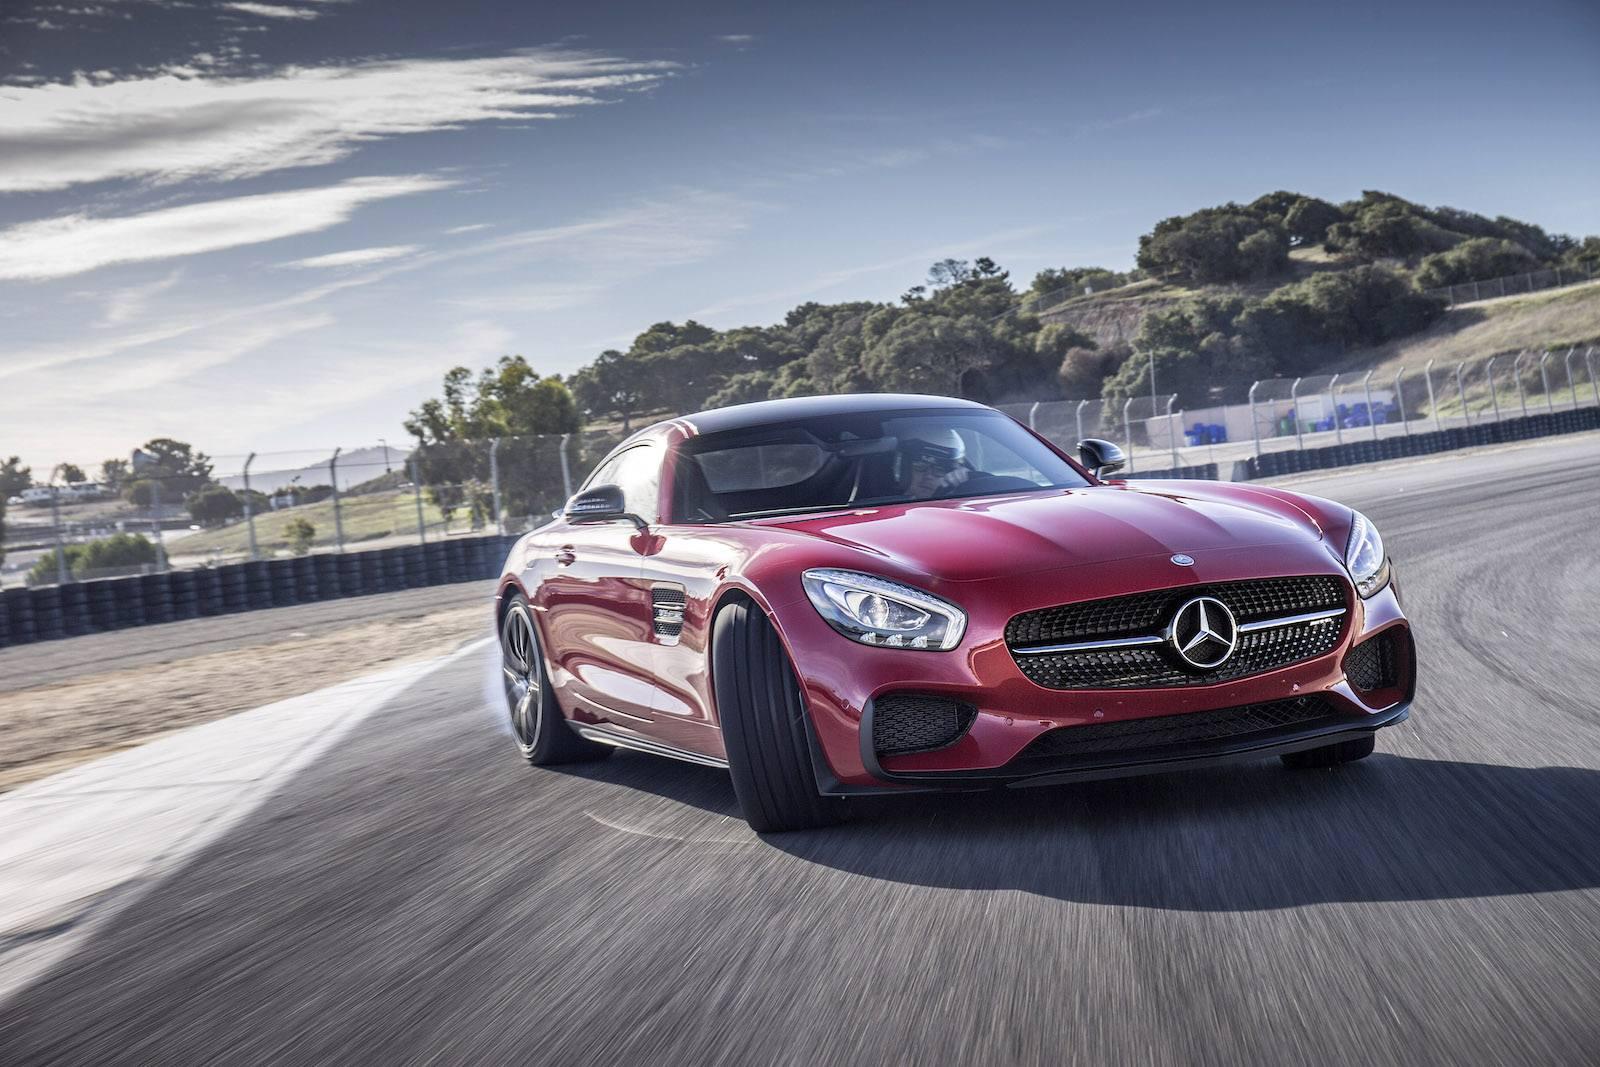 Pressefahrveranstaltung Mercedes-AMG GT S, Laguna Seca, Nov 2014, Mercedes_AMG GT S, Edition1_feueropal